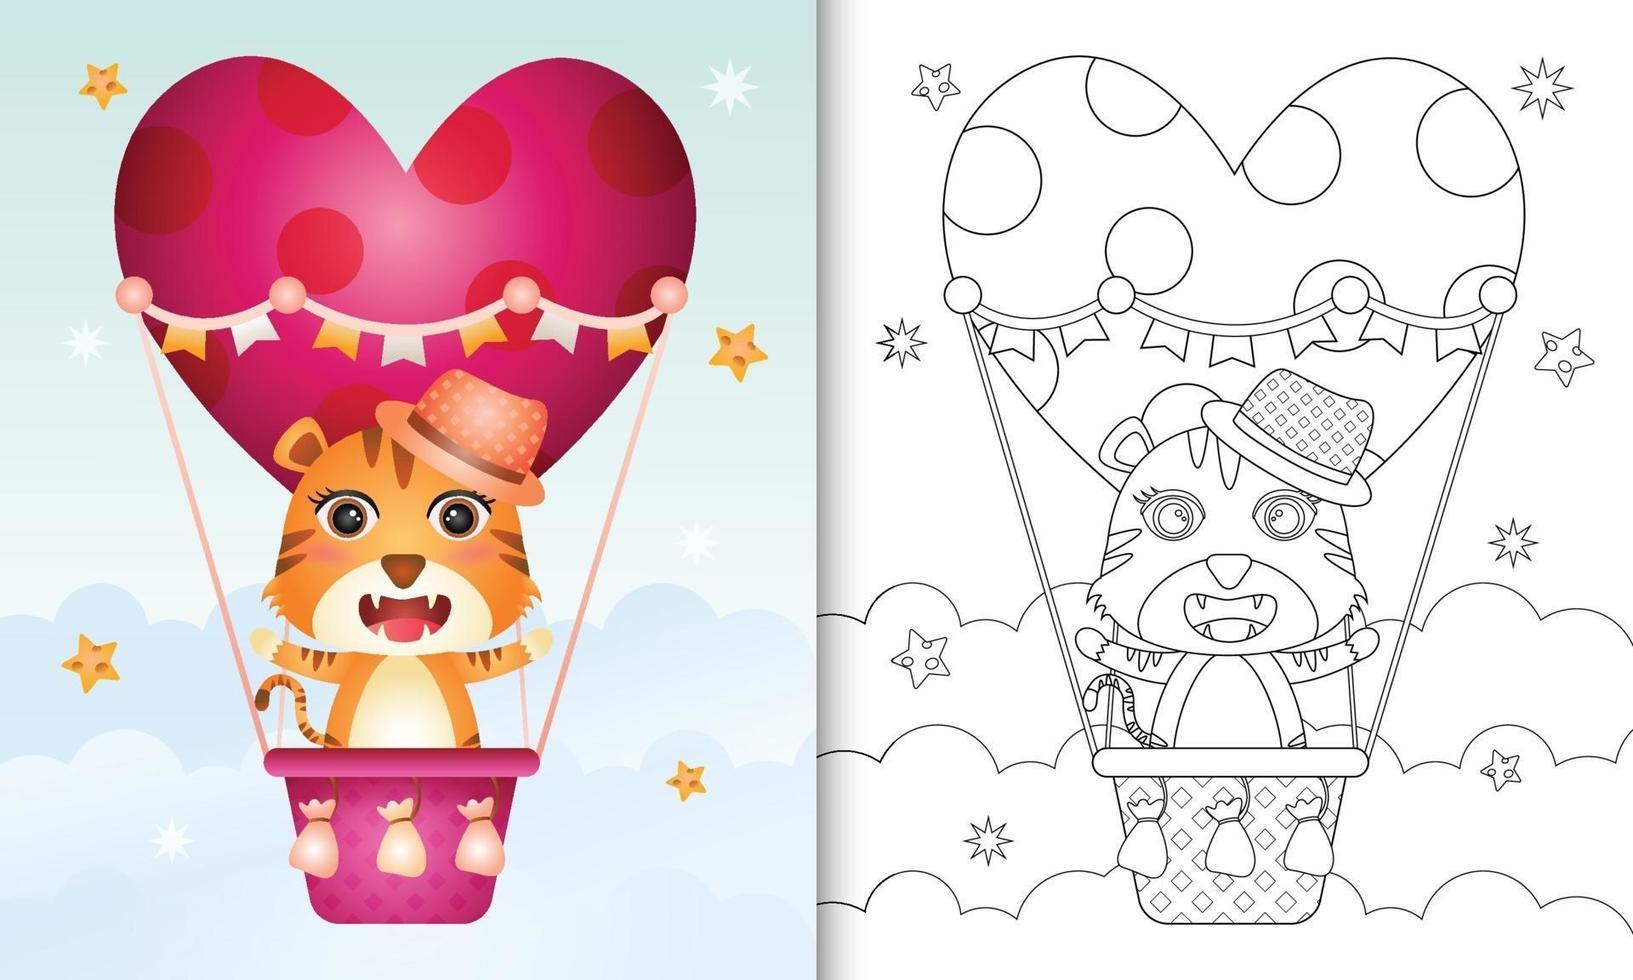 Malbuch für Kinder mit einem niedlichen Tiger männlich auf Heißluftballon Liebe themenorientierten Valentinstag vektor